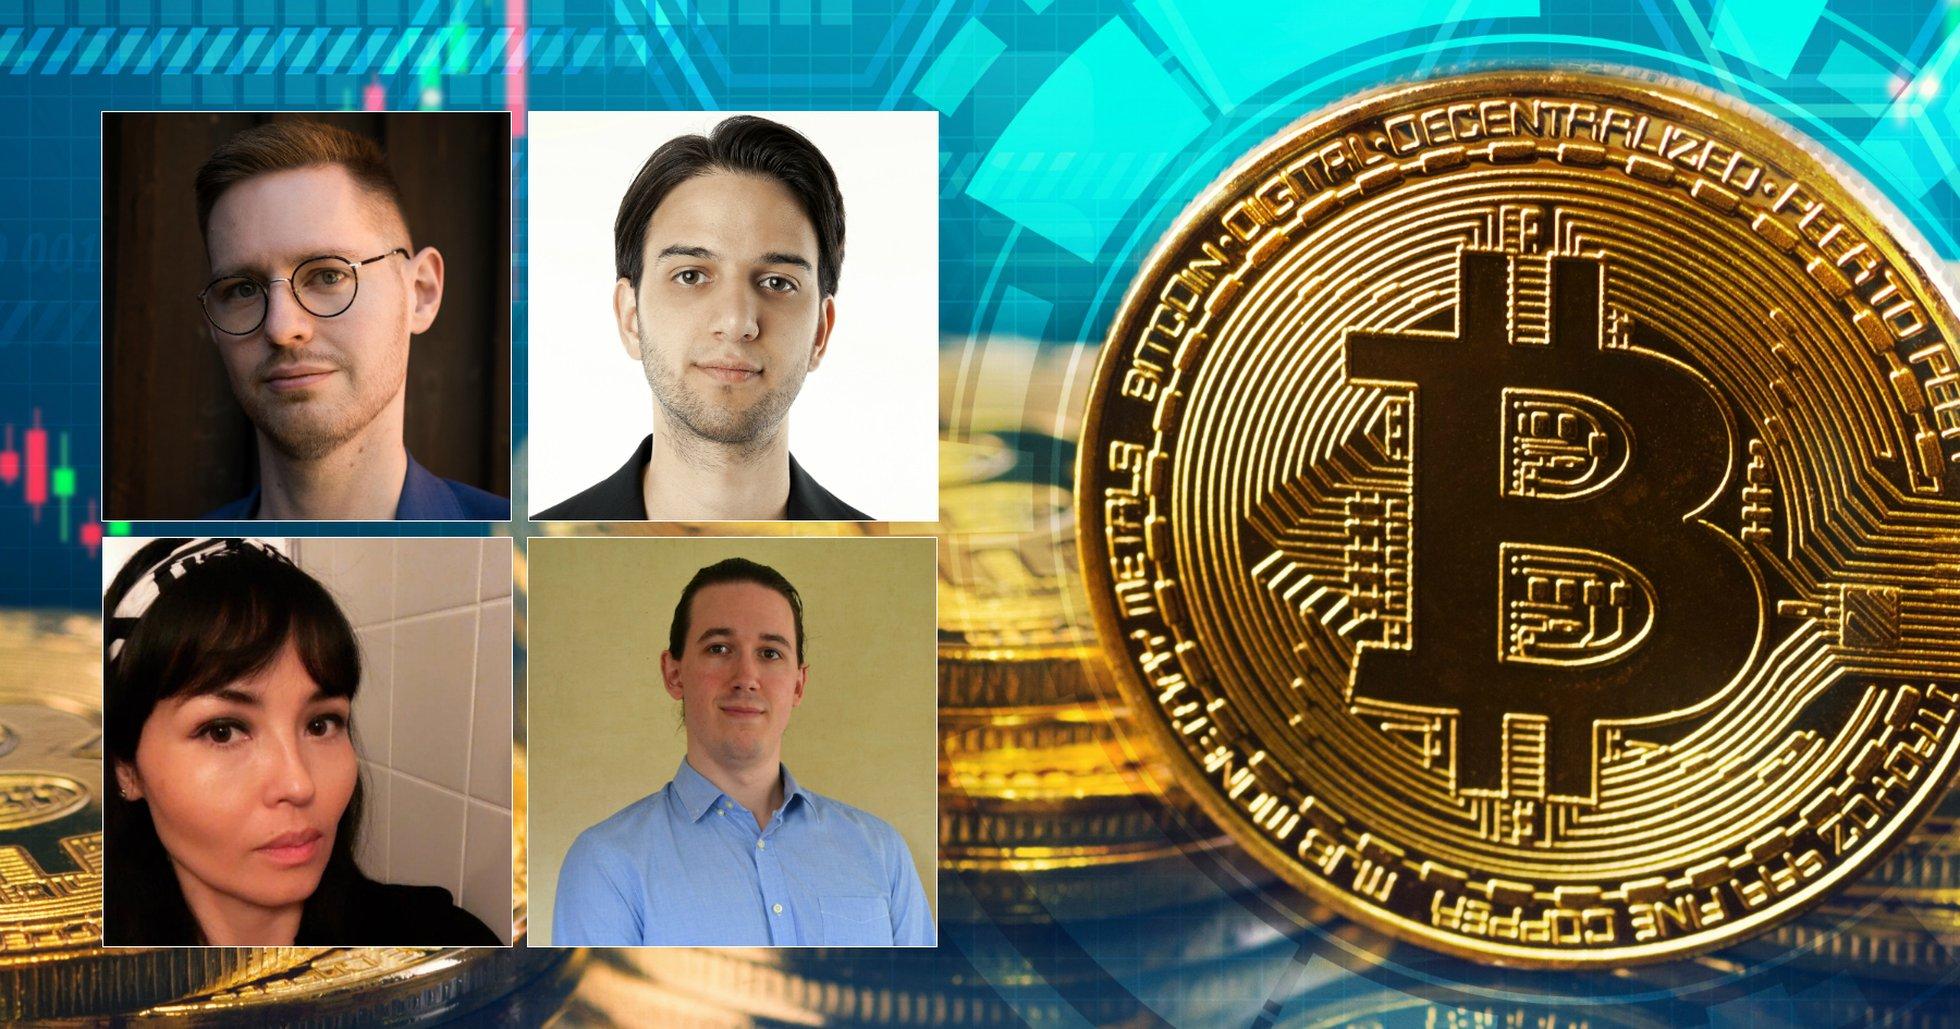 Svenska experter på bitcoin och kryptovalutor: Totte Löfström, Eric Wall, Gina Pari, Christopher Jämthagen.